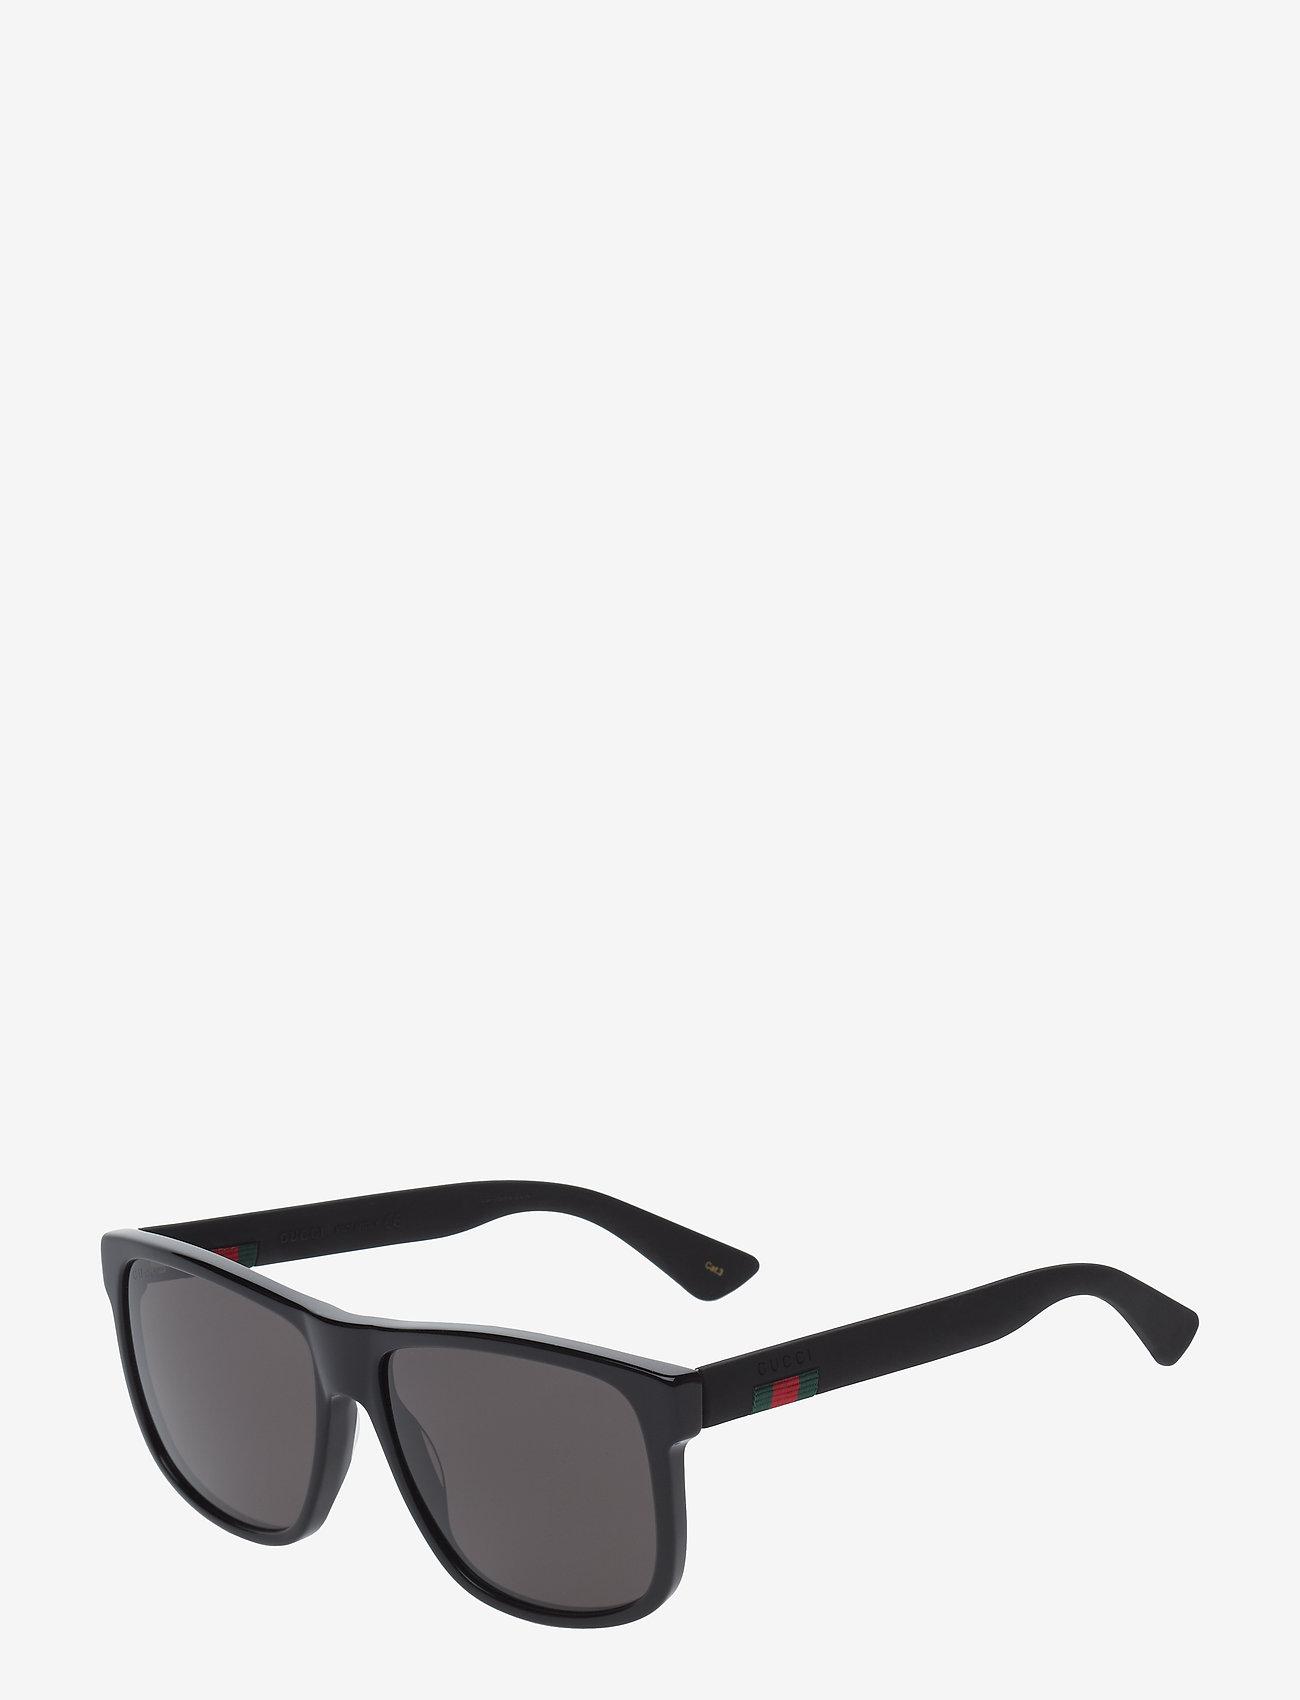 Gucci Sunglasses - GG0010S - black-black-grey - 1